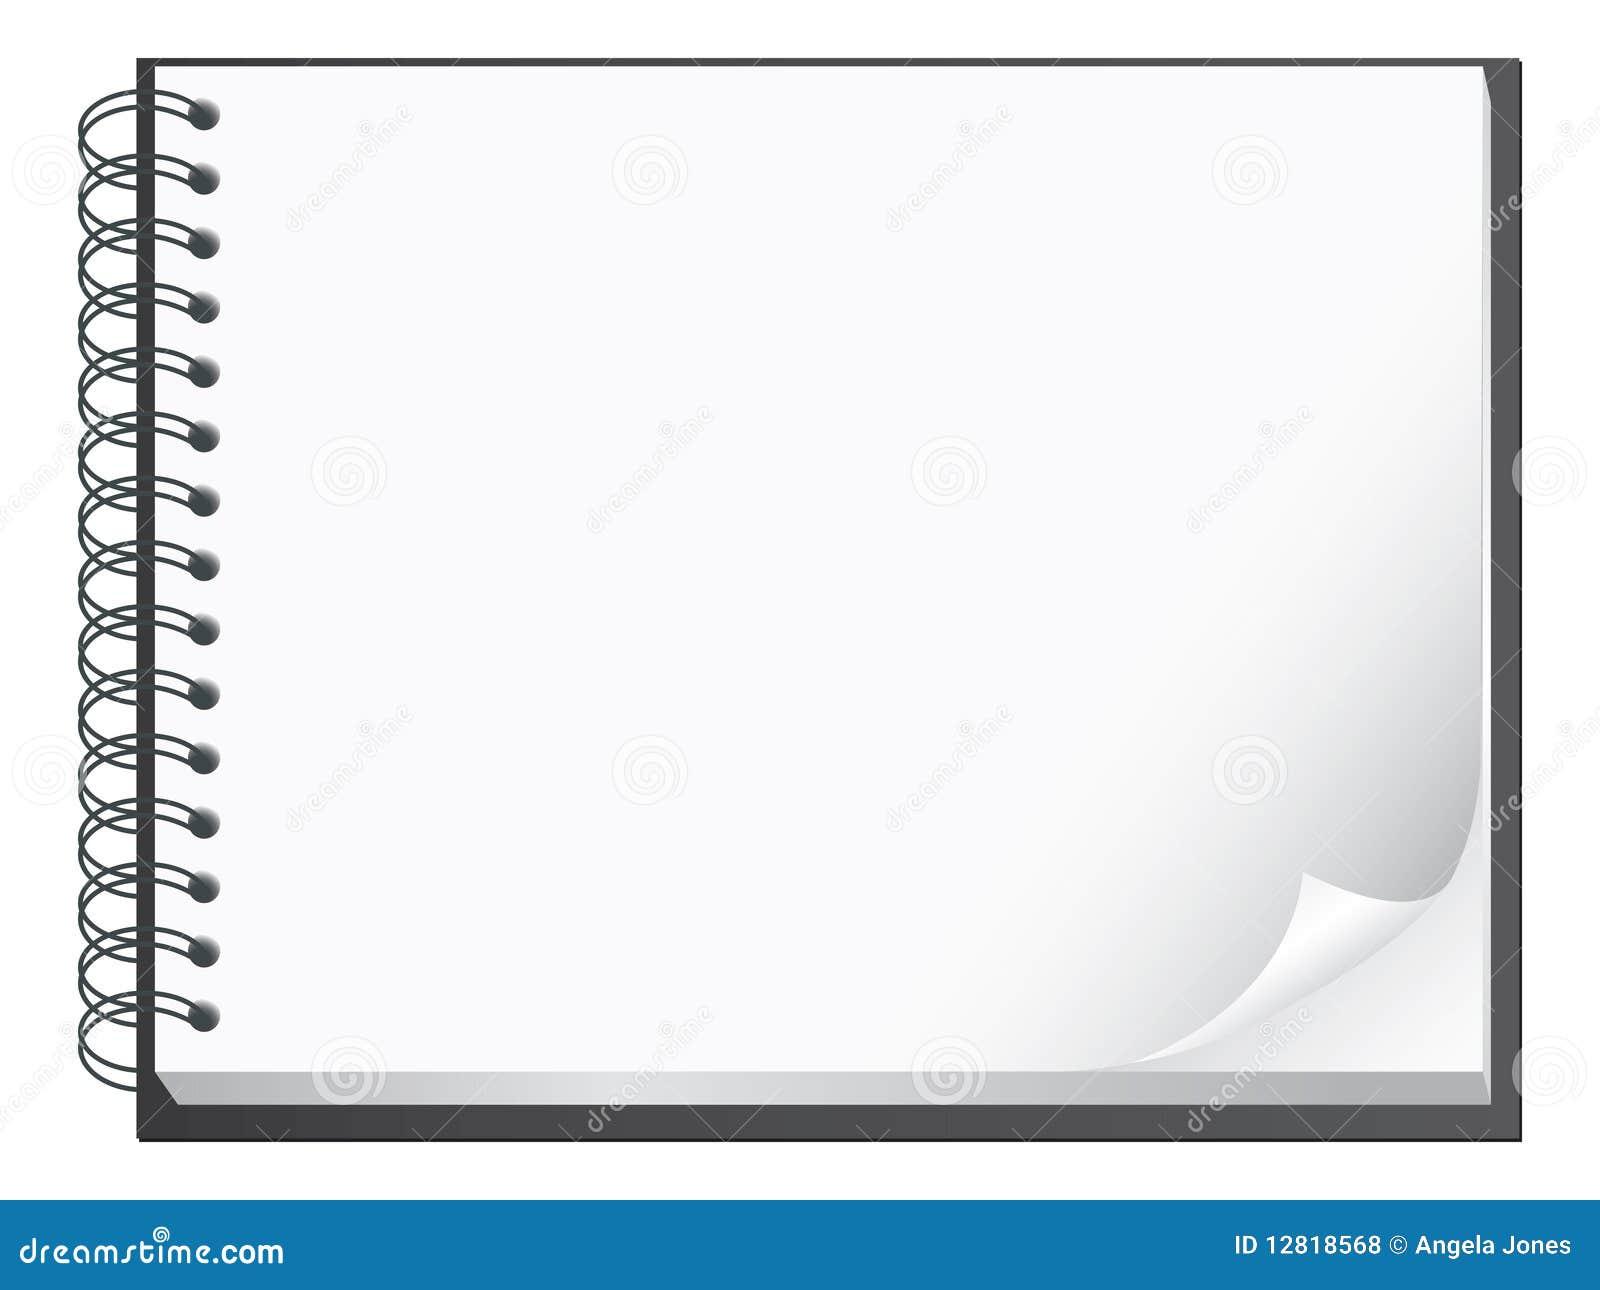 Espiral - ilustración encuadernada de la pista de nota